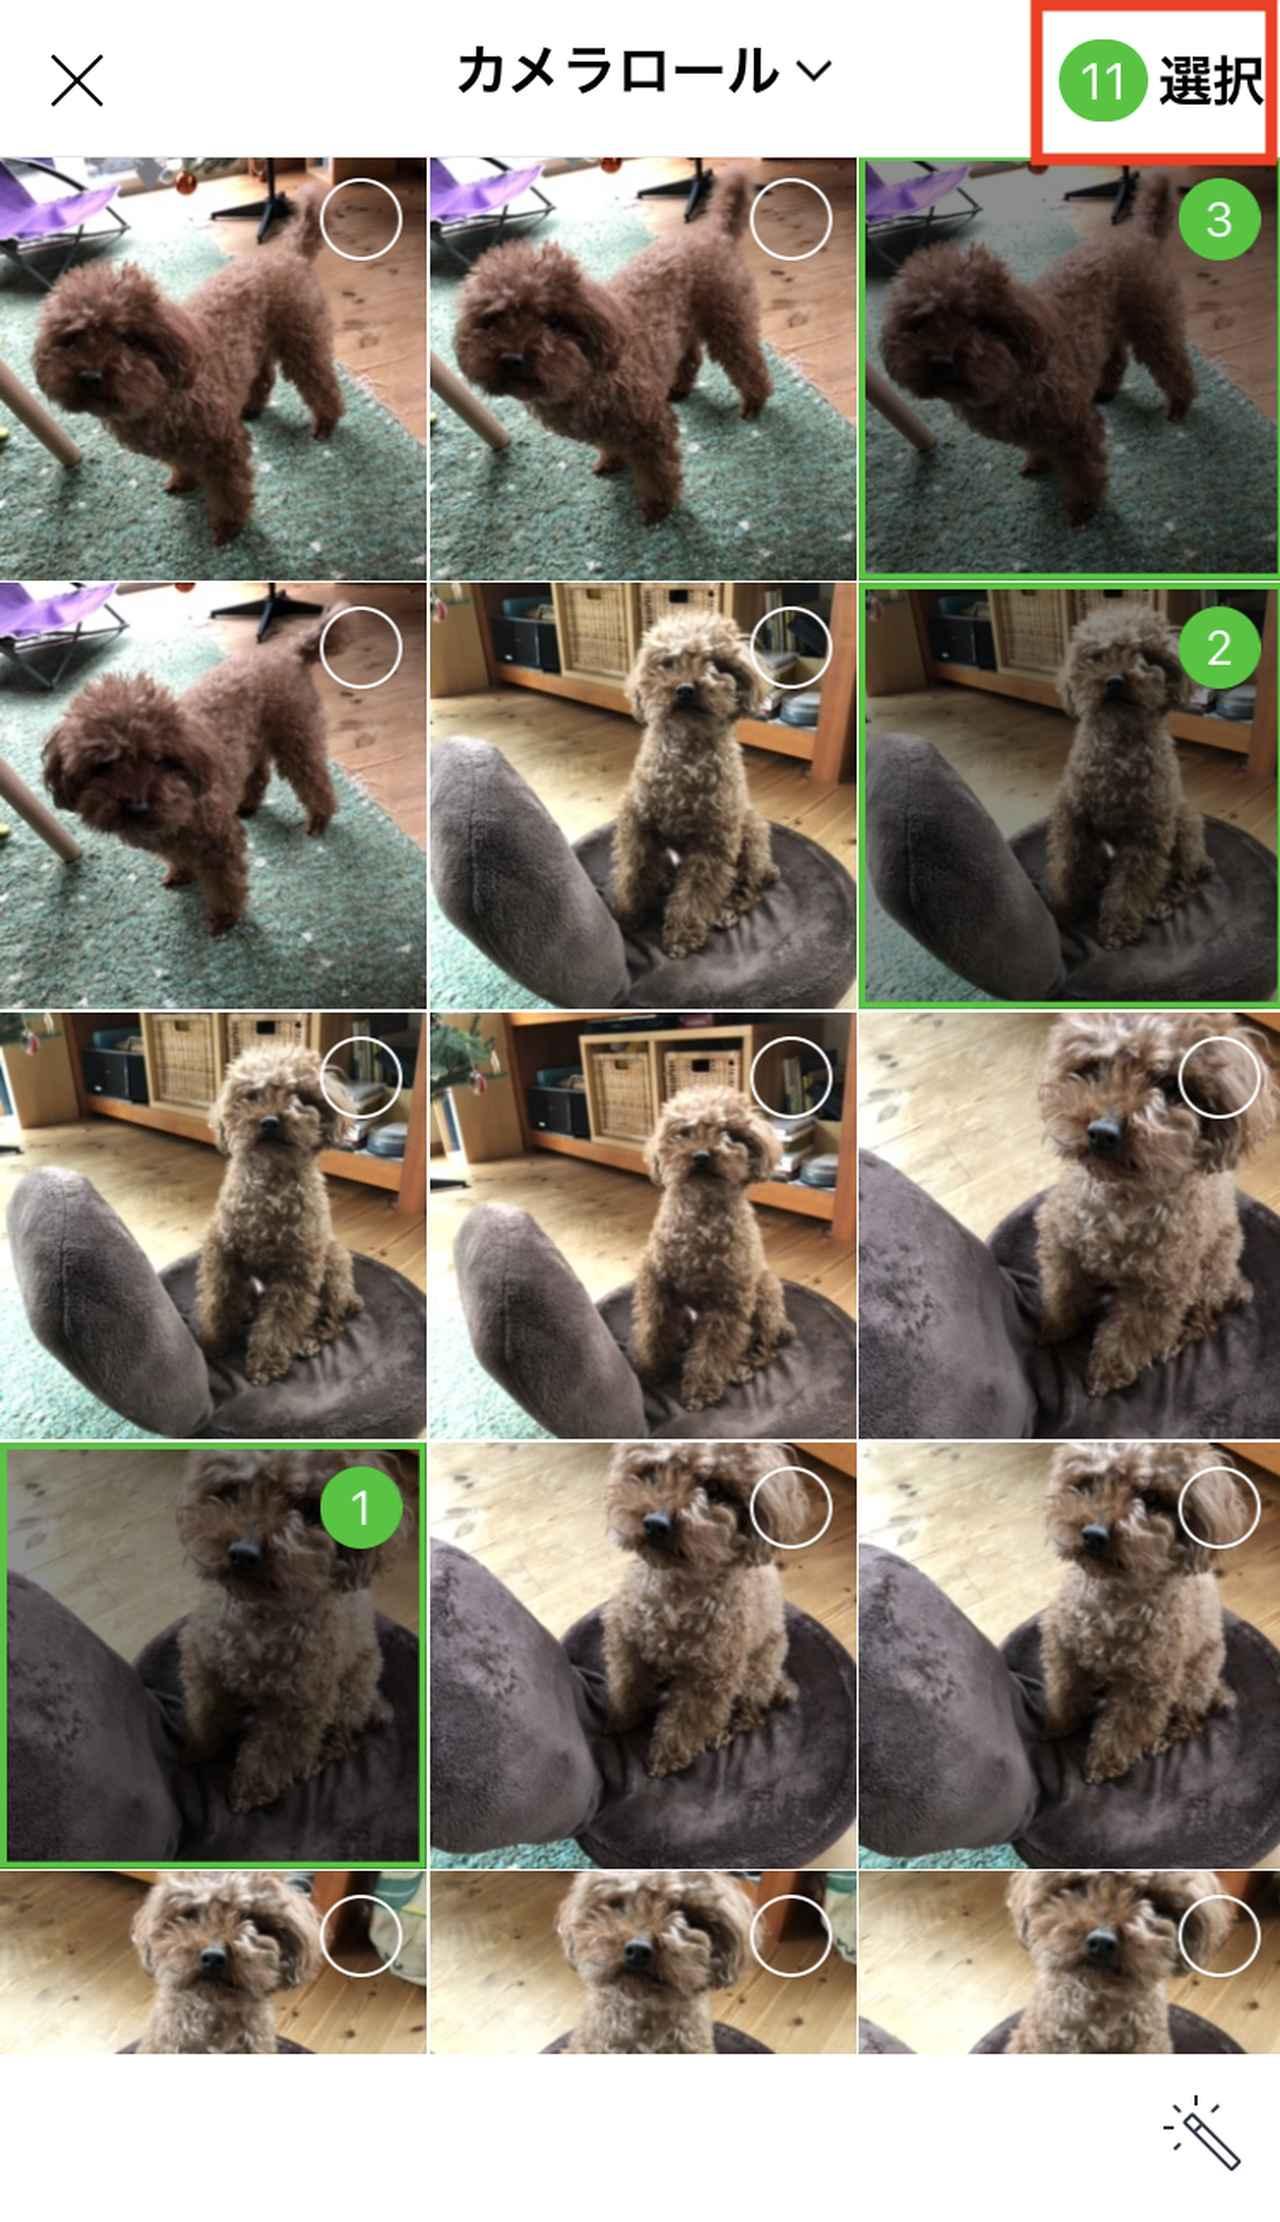 画像: iPhoneに保存されている写真が表示されるので、アルバムに入れたいもの、複数枚を指でタッチして選択します。選択が終わったら、右上の「選択」をタッチ。